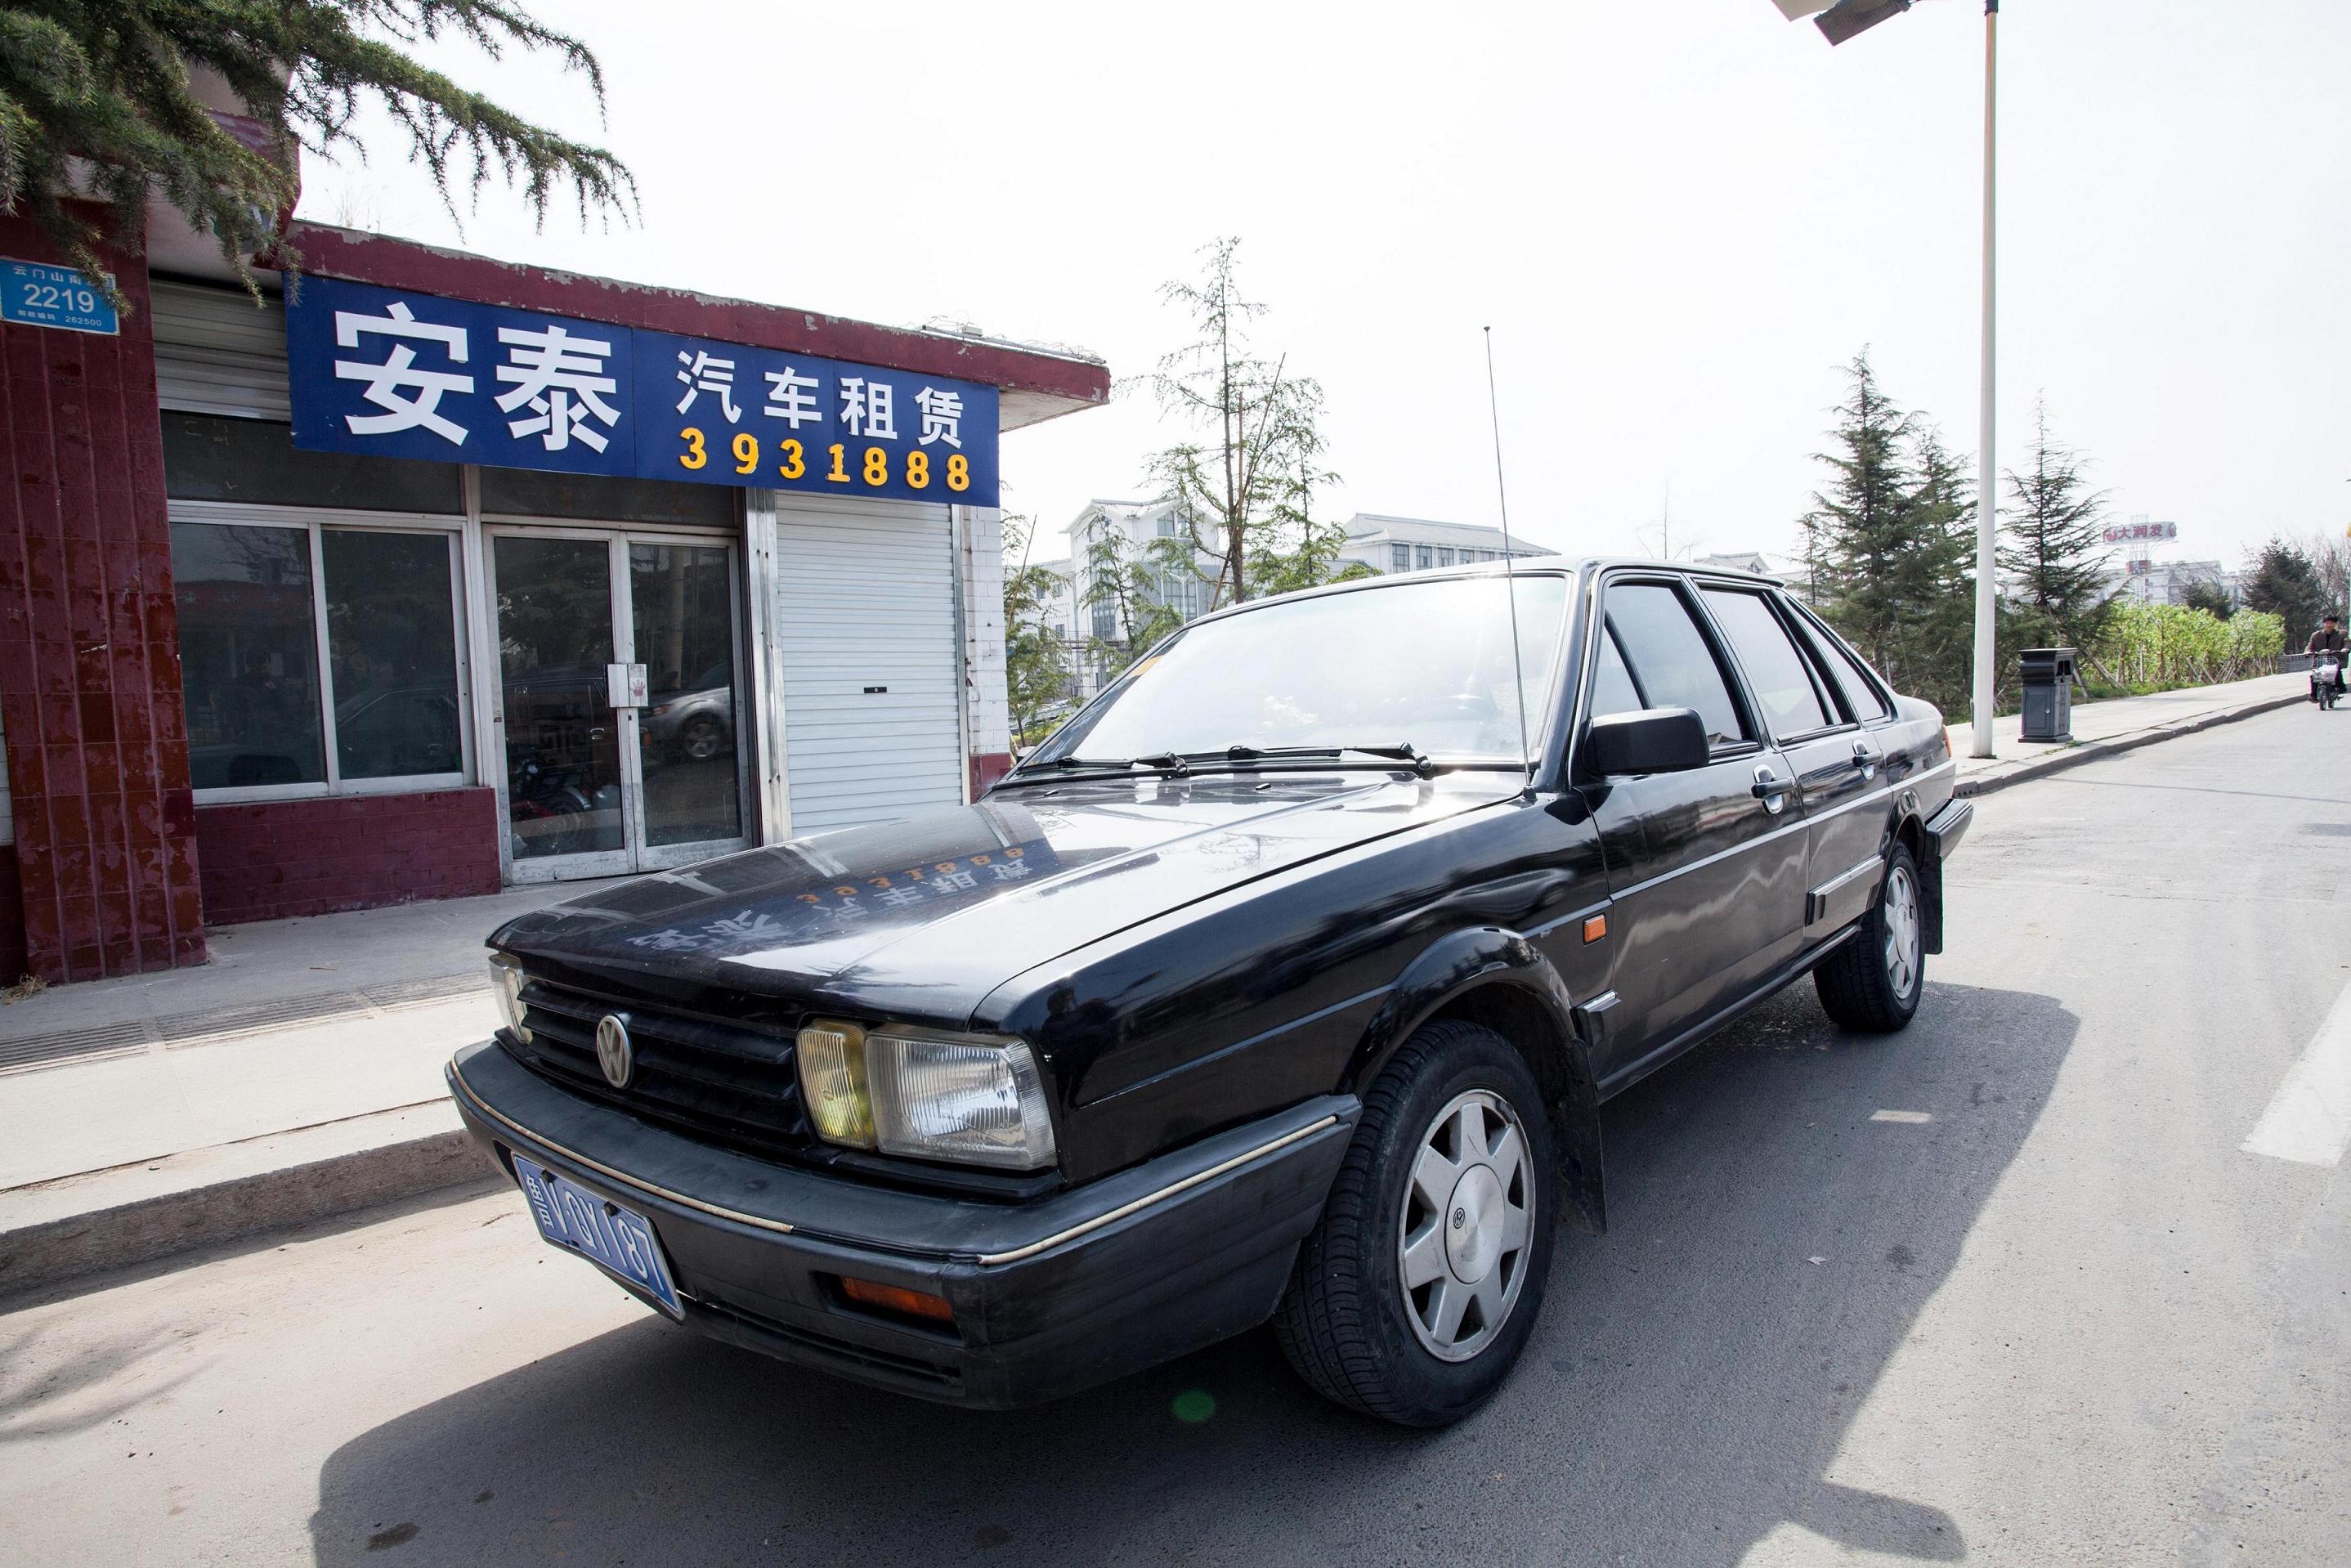 安泰汽车租赁是优越的小型车租赁服务公司 青州小型车租赁